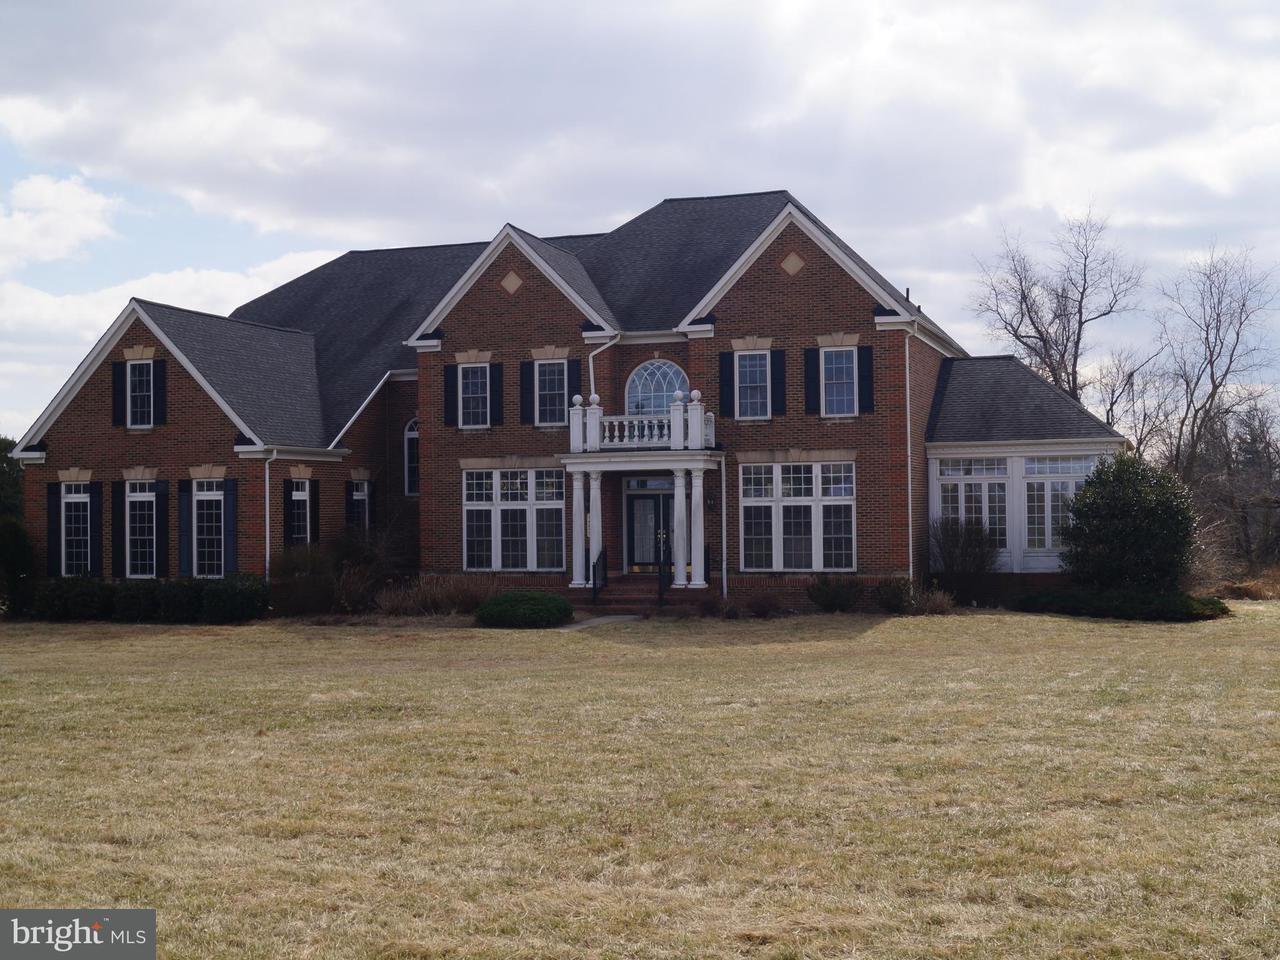 一戸建て のために 売買 アット 14855 Union Chapel Road 14855 Union Chapel Road Woodbine, メリーランド 21797 アメリカ合衆国